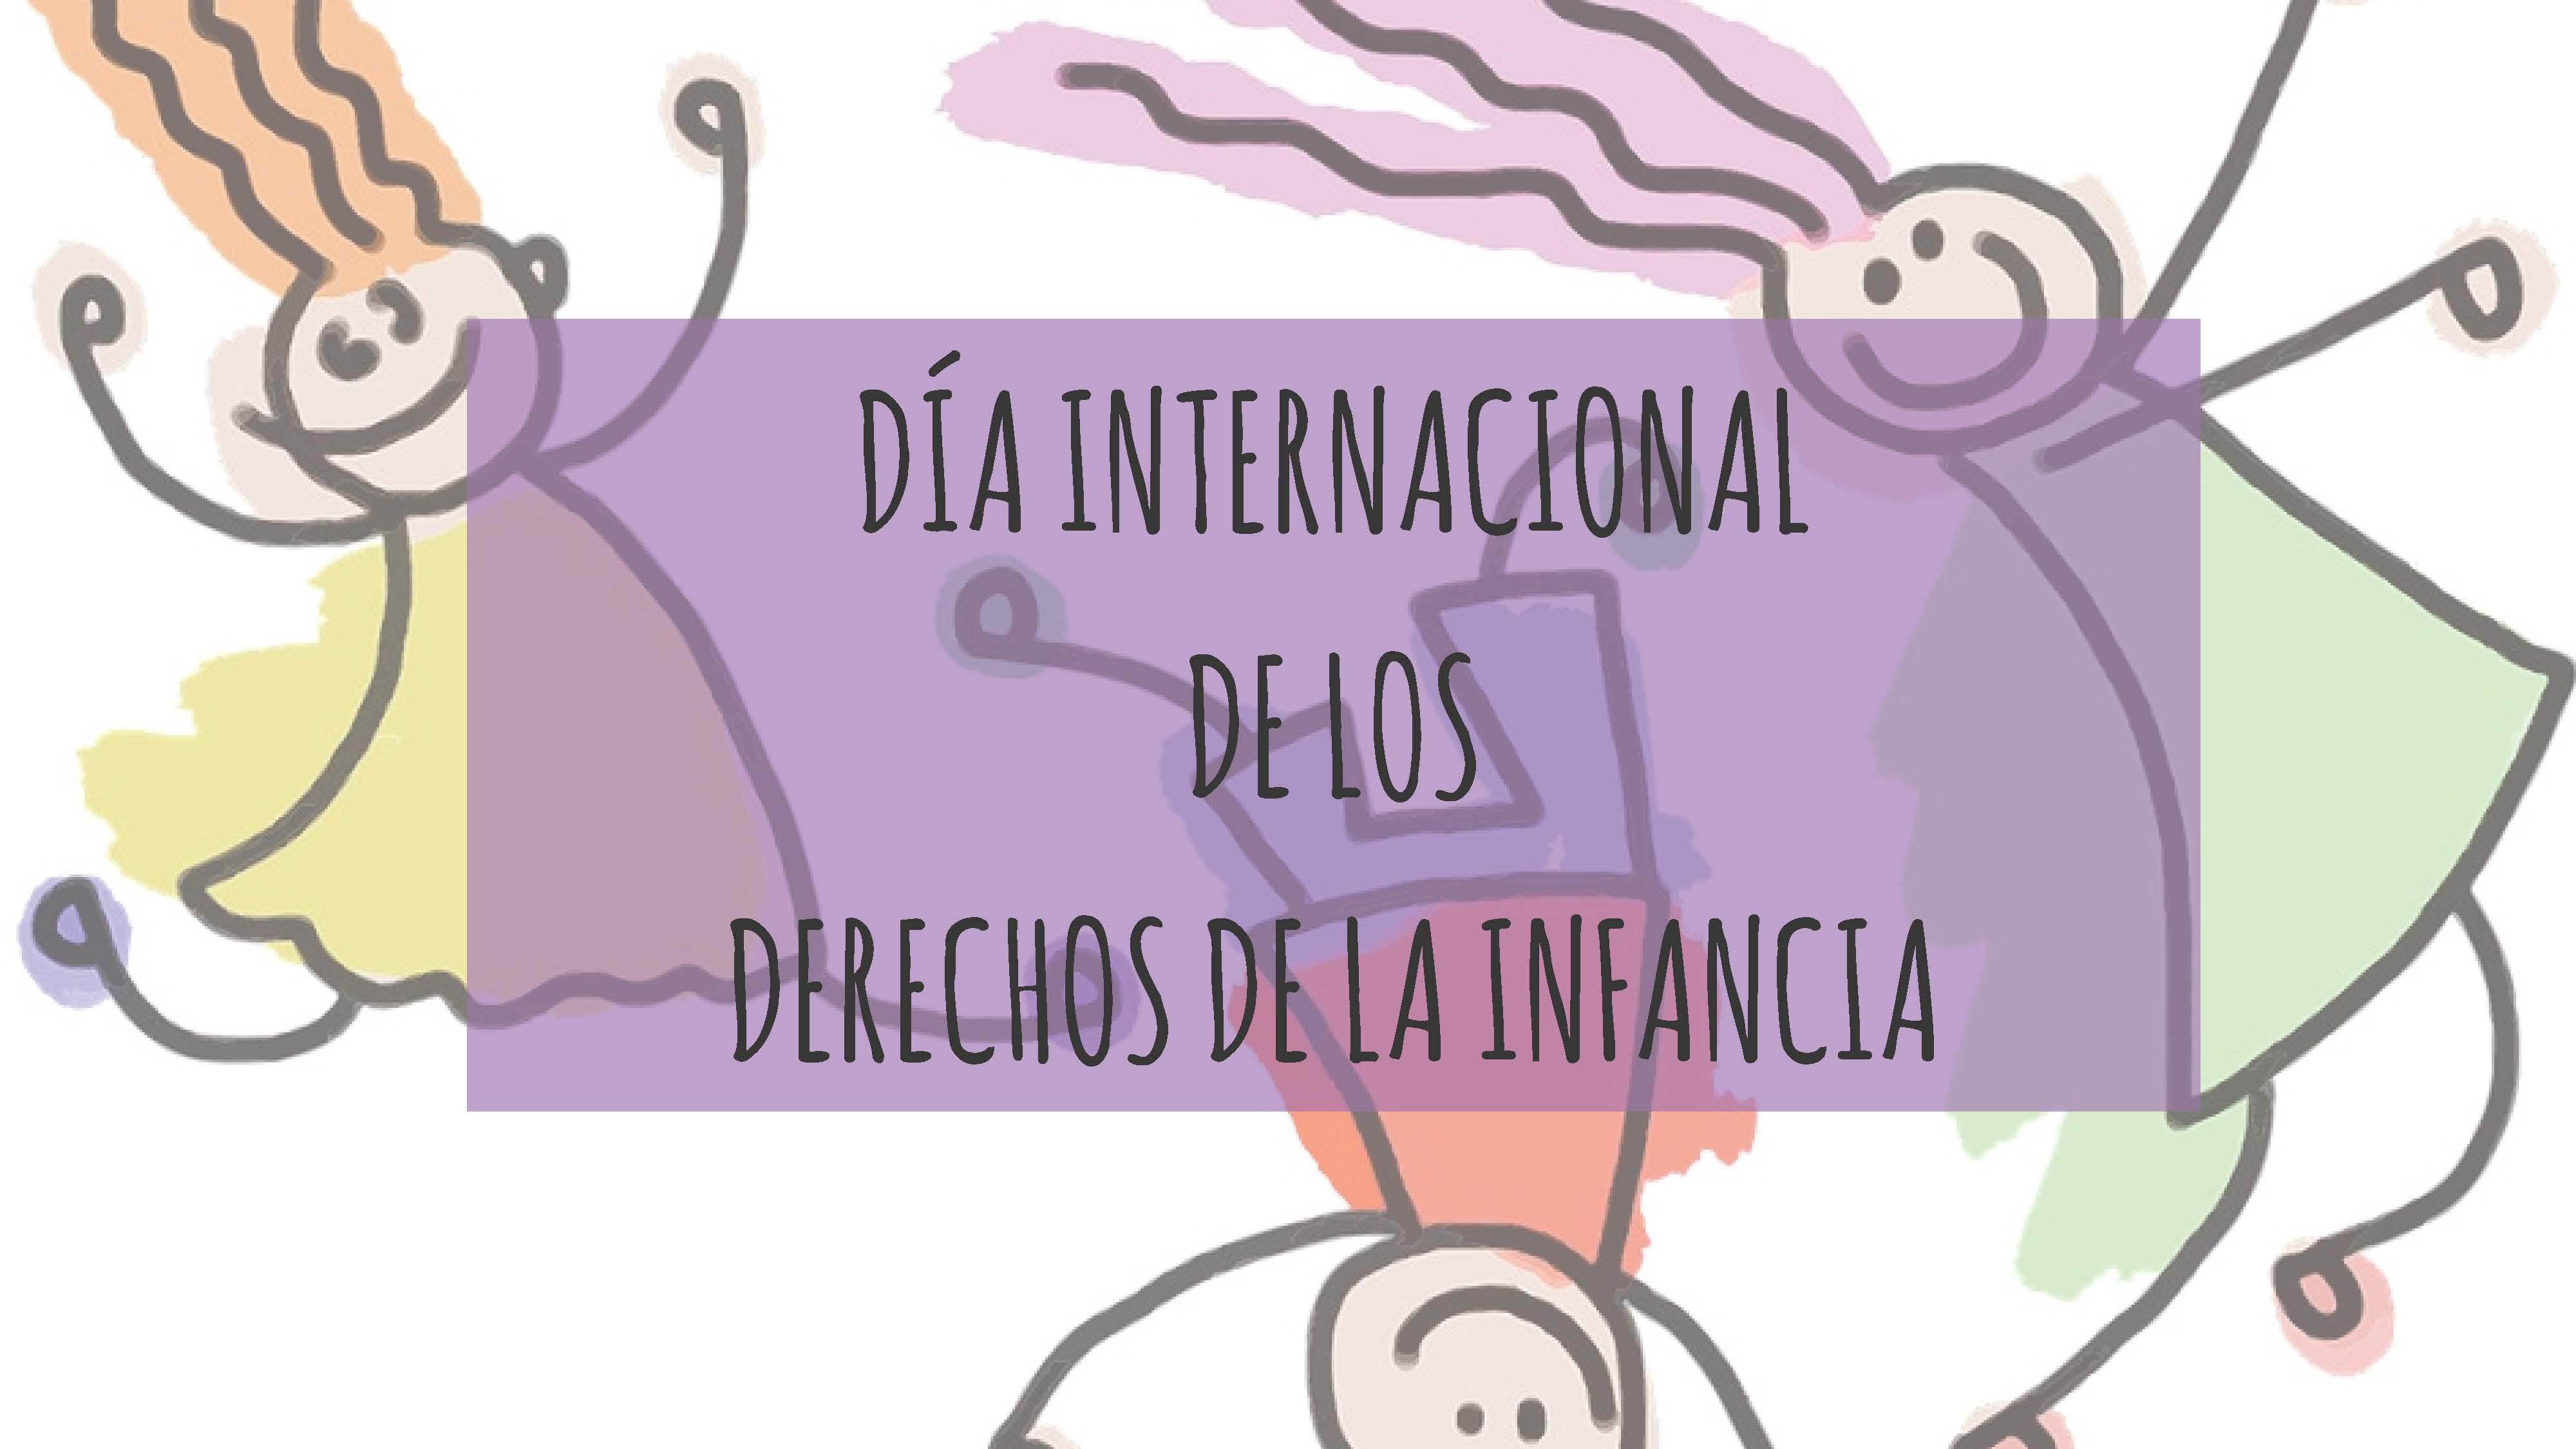 Hoy 20 de noviembre se celebra el Día Internacional de los Derechos de la Infancia